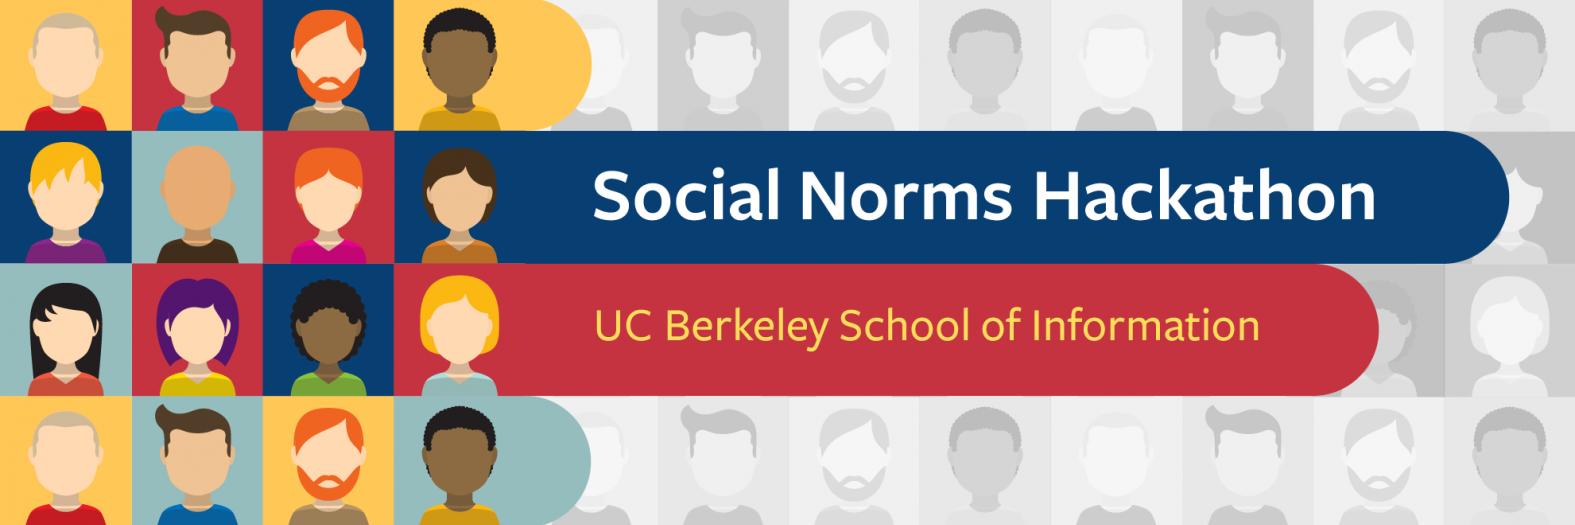 Social Norms Hackathon | UC Berkeley School of Information